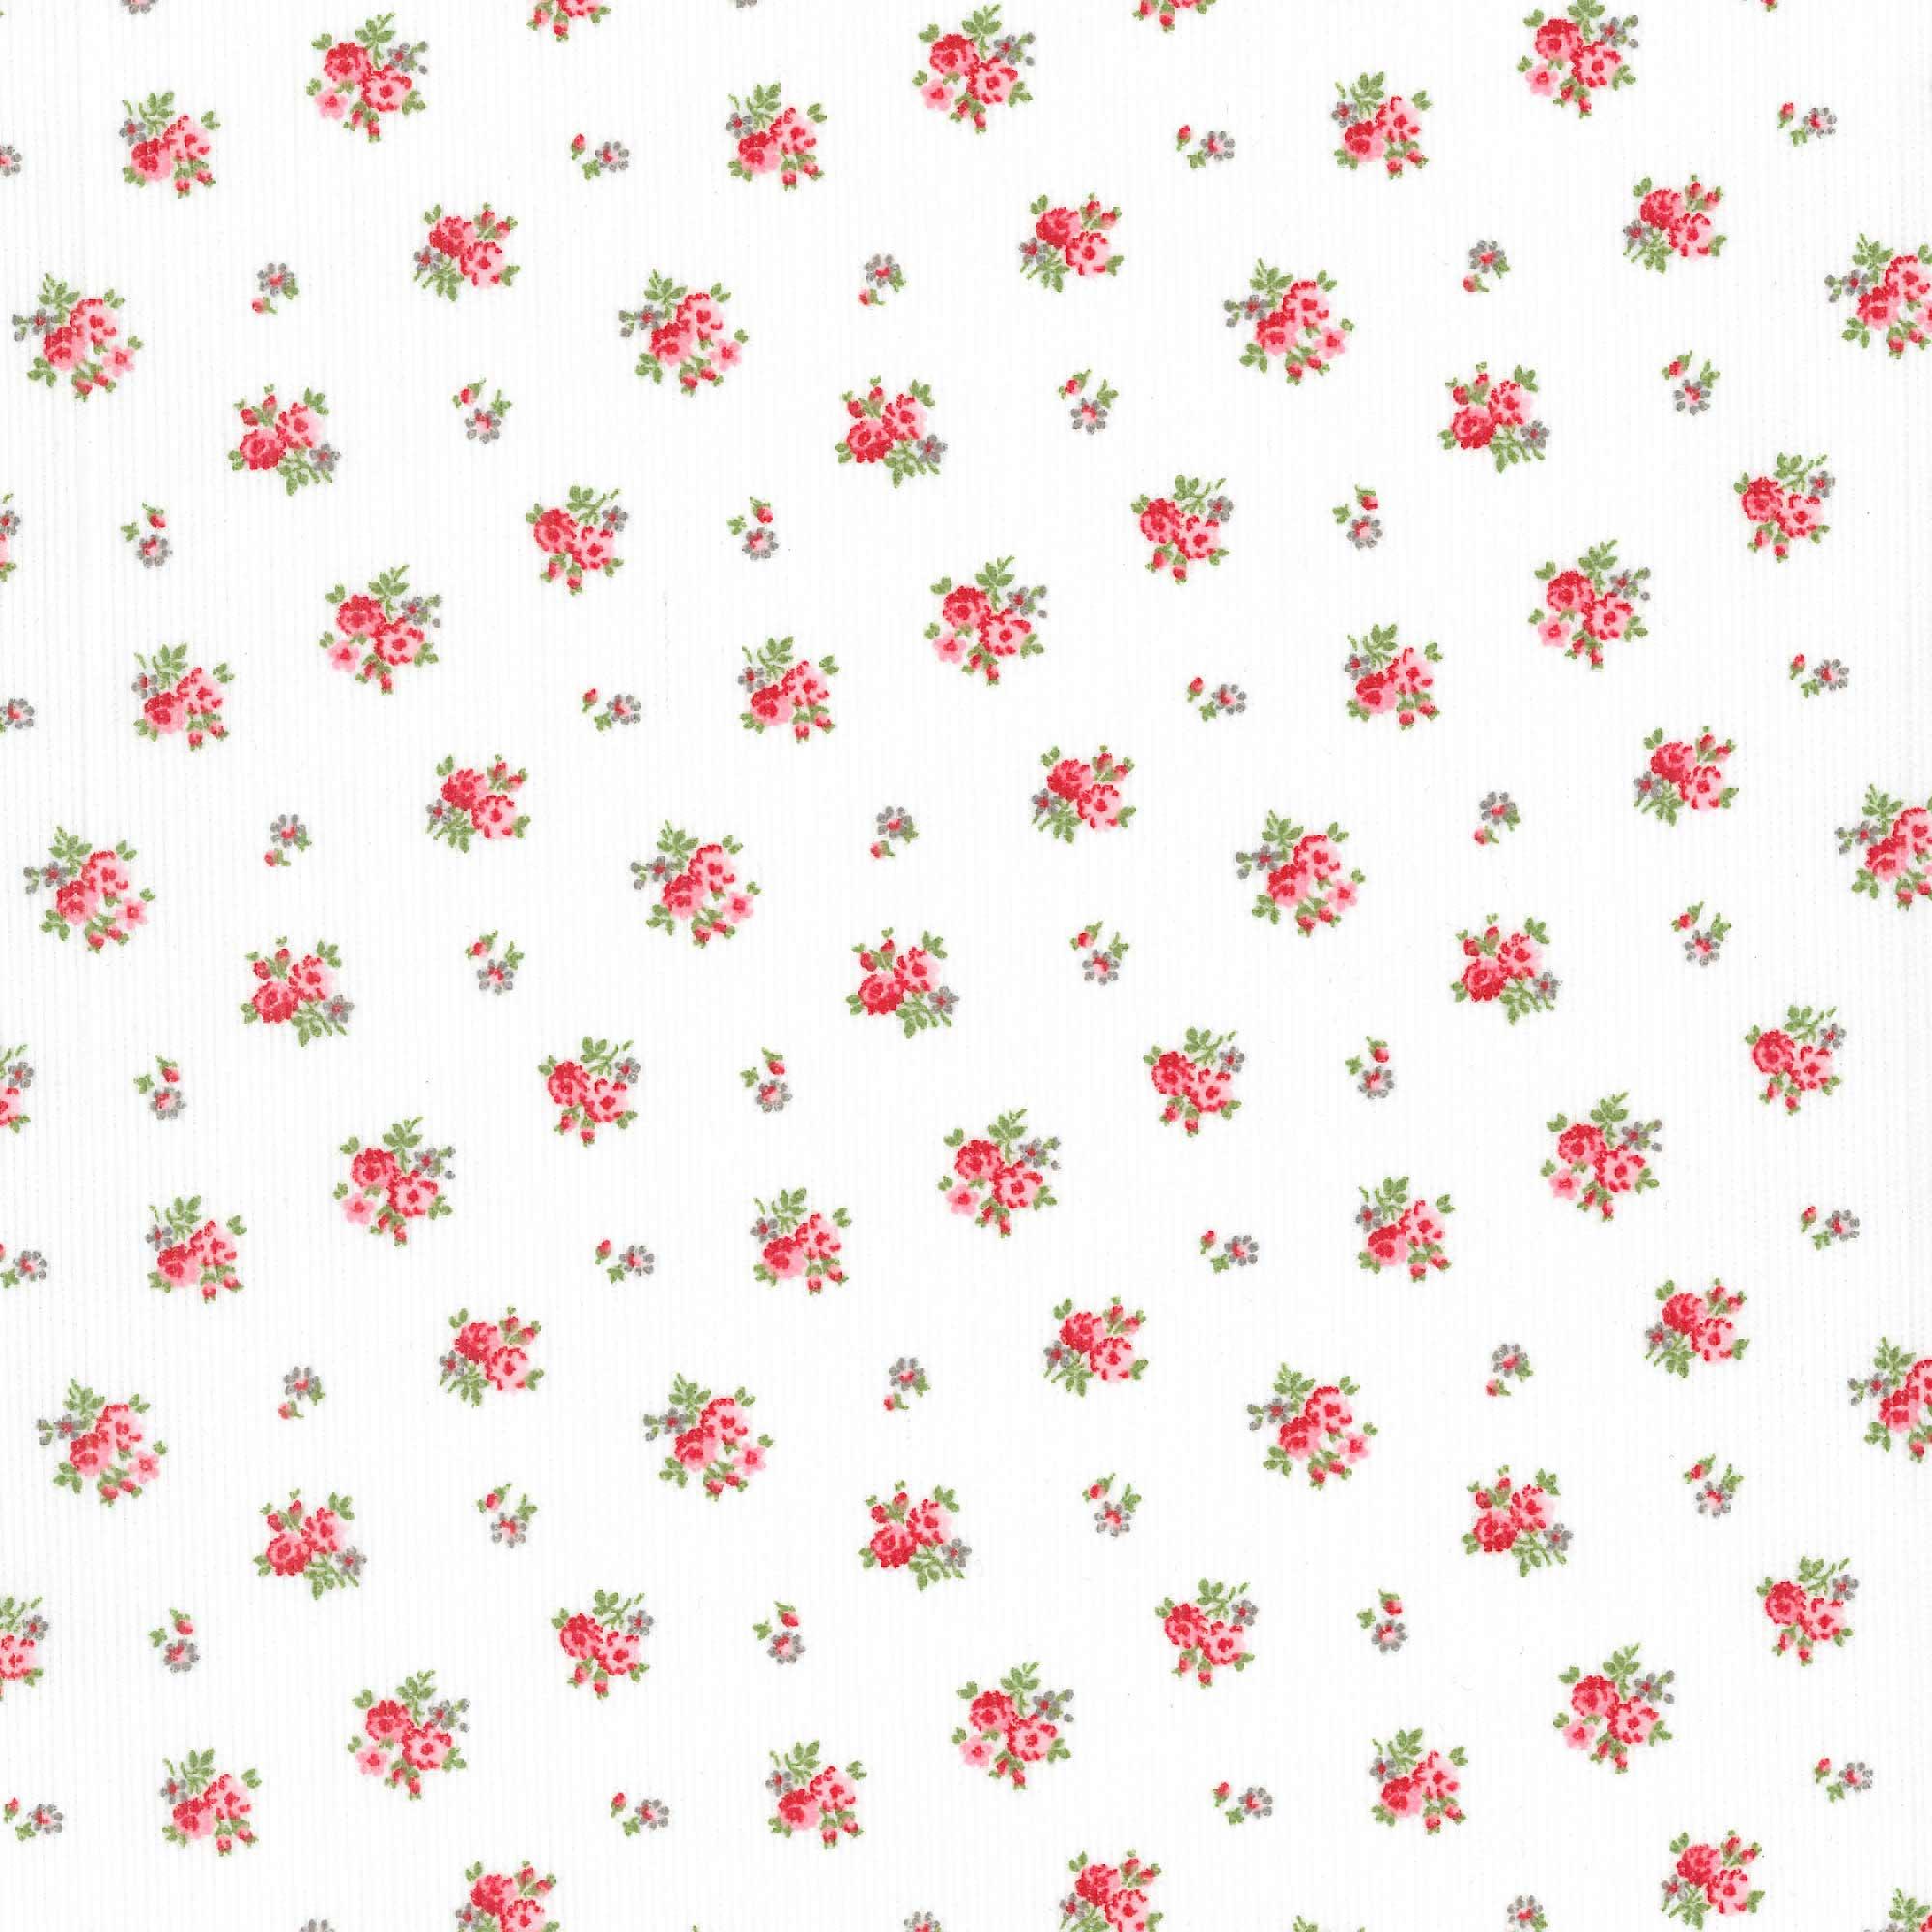 produkt_img/011007134.jpg